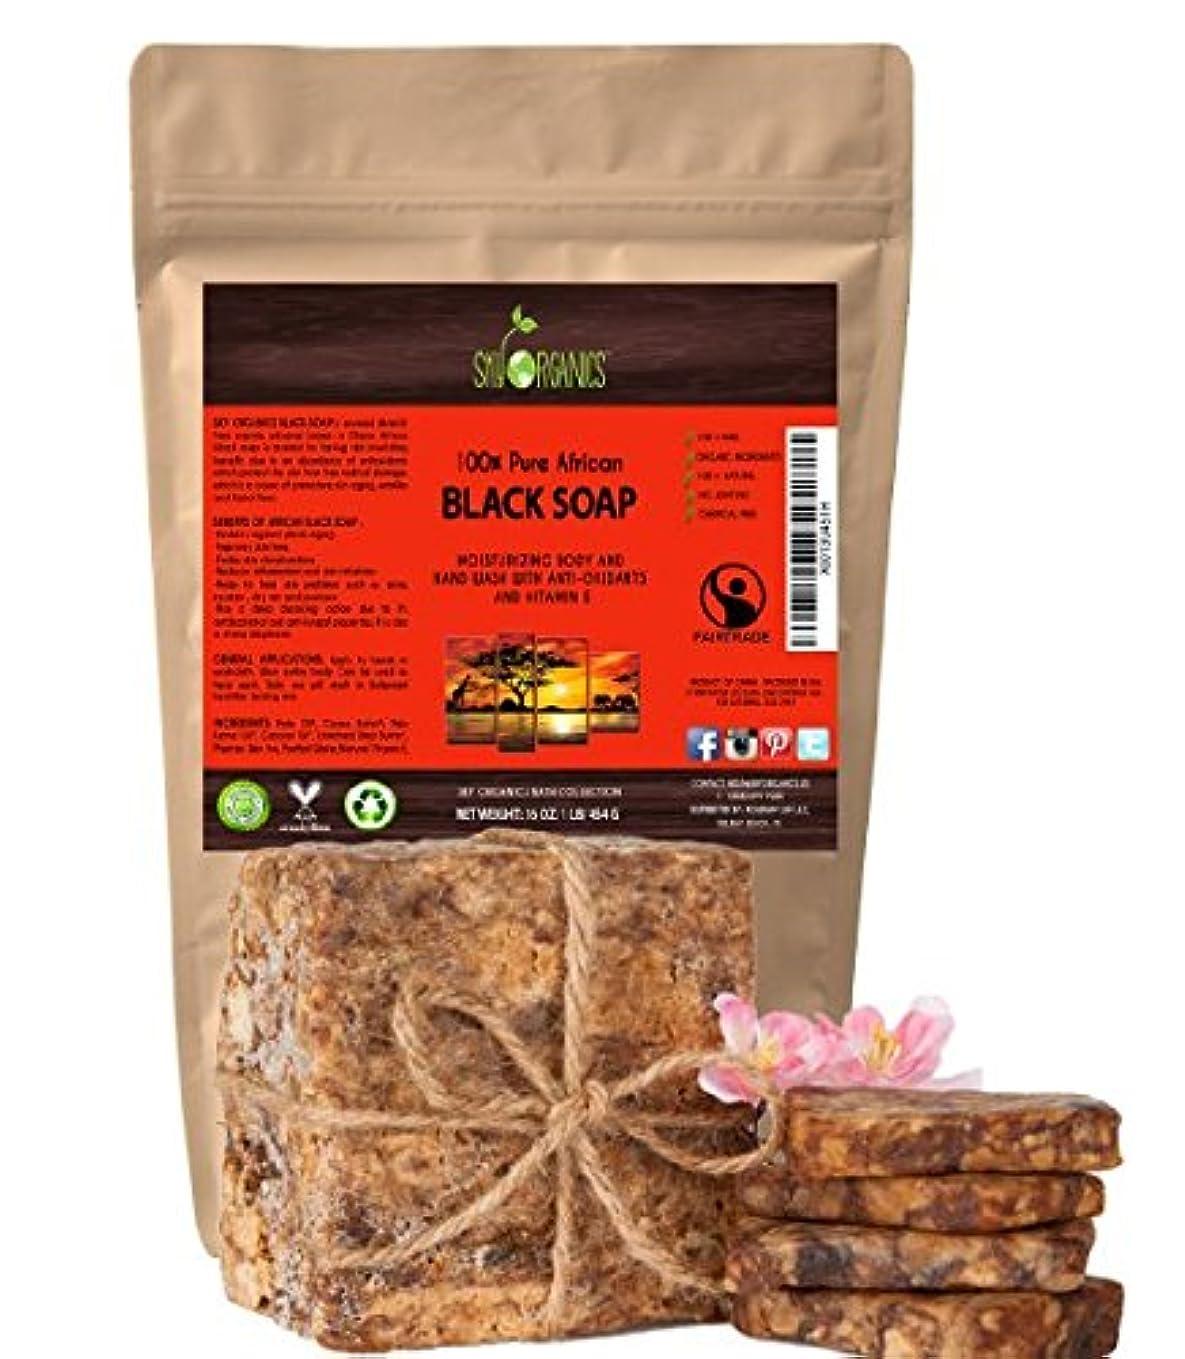 バーゲン肉腫犬切って使う オーガニック アフリカン ブラックソープ (約4563gブロック)Organic African Black Soap (16oz block) - Raw Organic Soap Ideal for Acne...